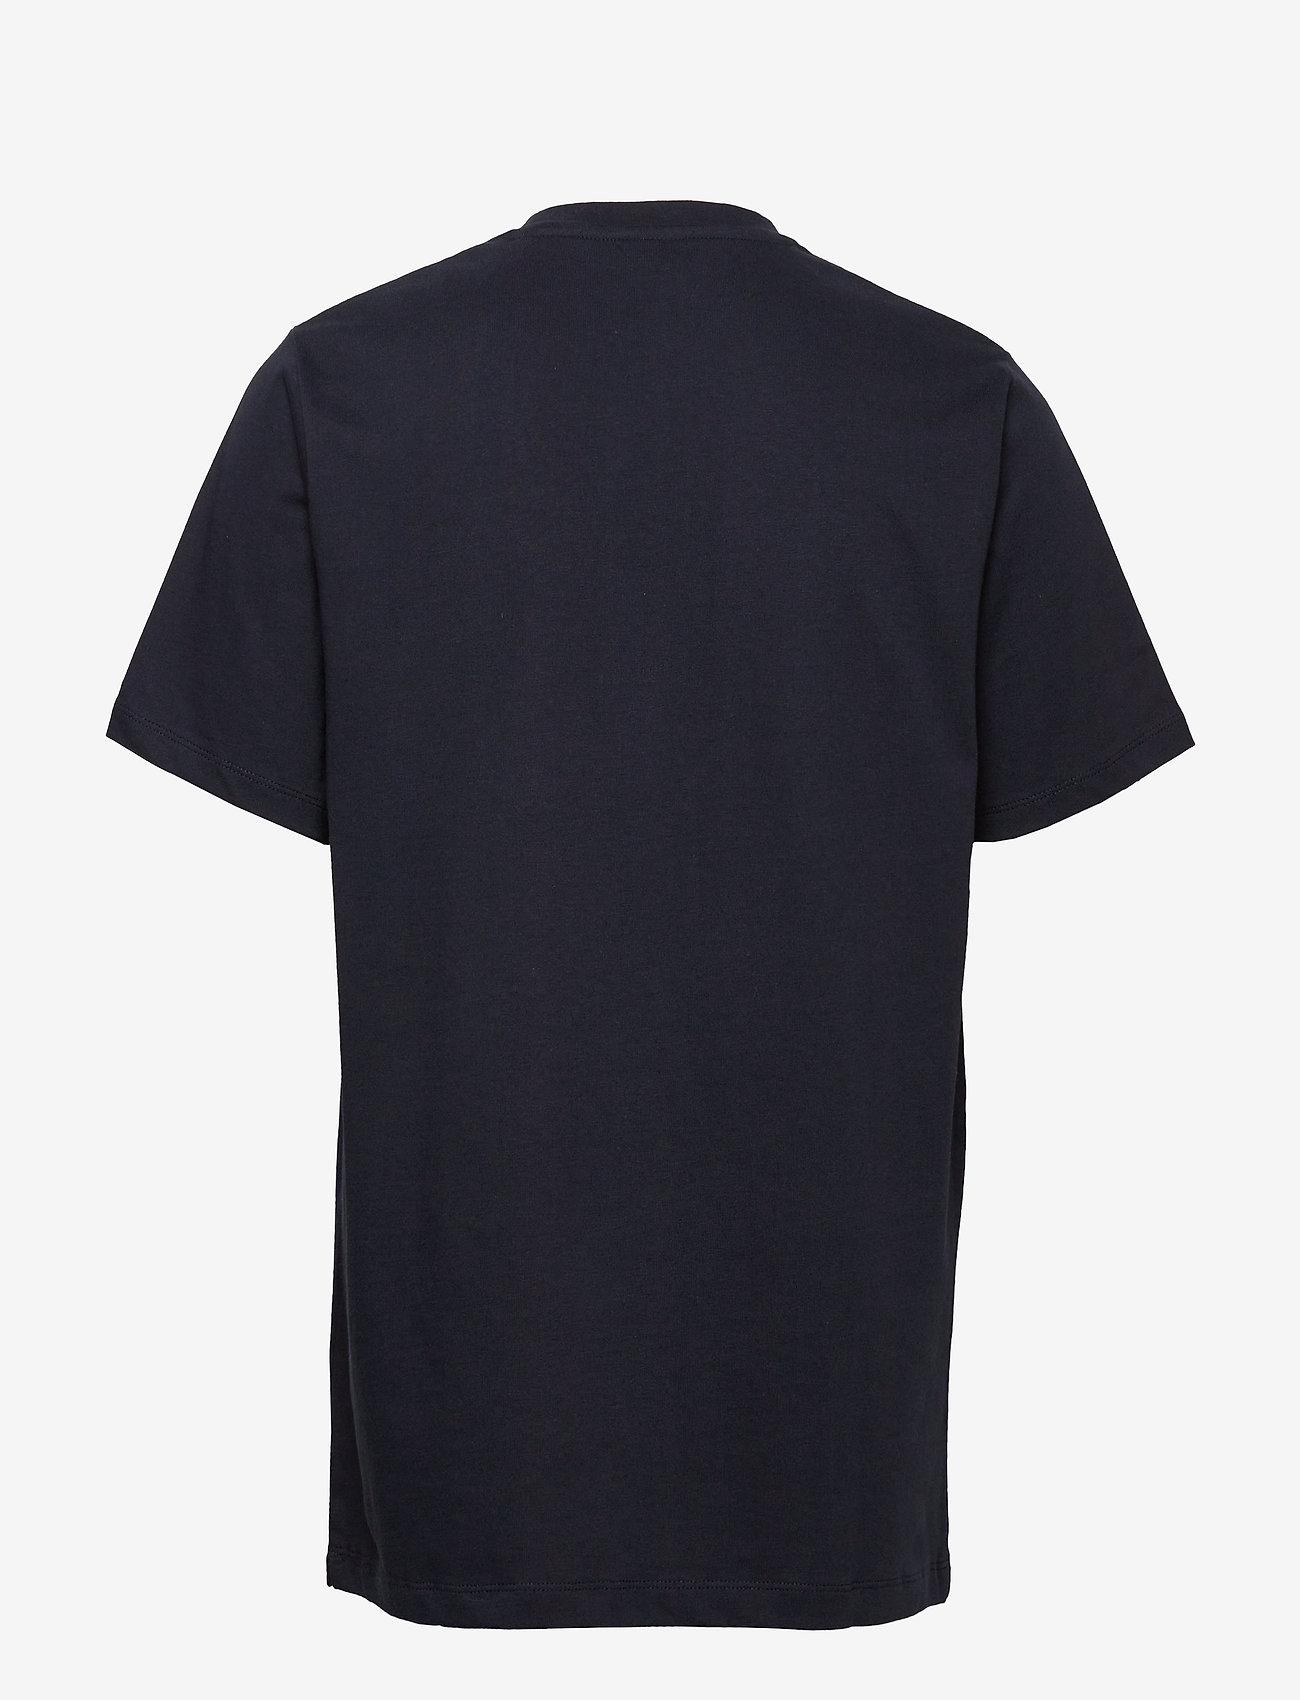 NN07 - Adriel 3234 - lyhythihaiset - navy blue - 1